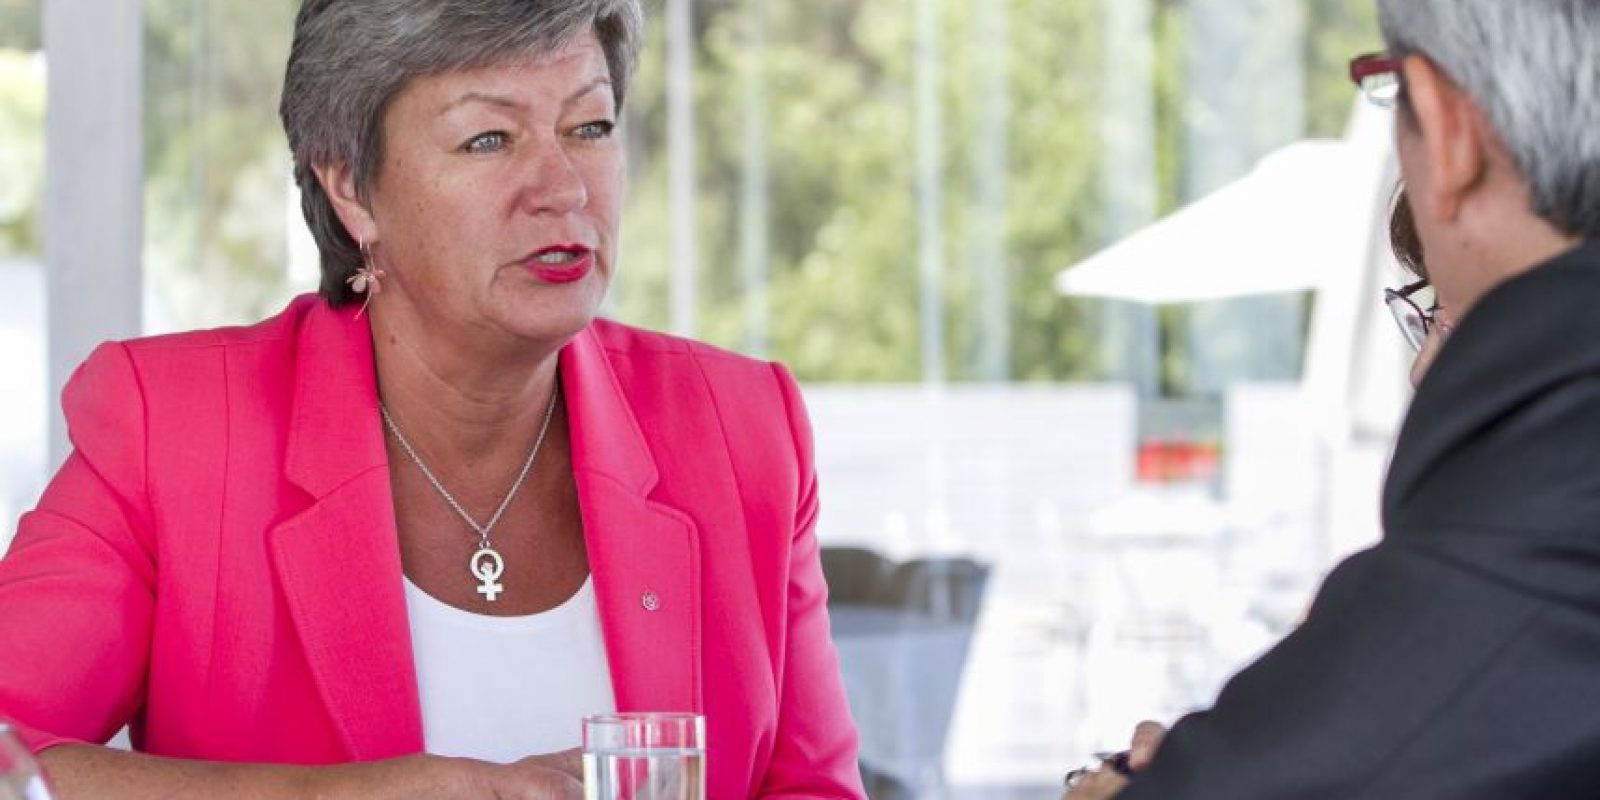 """La ministra de Empleo sueca estuvo la semana pasada en Chile para mostrar los buenos resultados del """"modelo laboral sueco"""", aunque se resiste a dar consejos para la realidad chilena. La secretaria de Estado ve con preocupación los aires proteccionistas de Donald Trump: """"Creo que habrá un impacto y que va a ser muy negativo. Me apena mucho que ya no se vaya a firmar el acuerdo de libre comercio con la UE y también me preocupa lo que va a pasar con el Acuerdo de Cambio Climático de París"""". Foto:Sylvio García / Publimetro. Imagen Por:"""